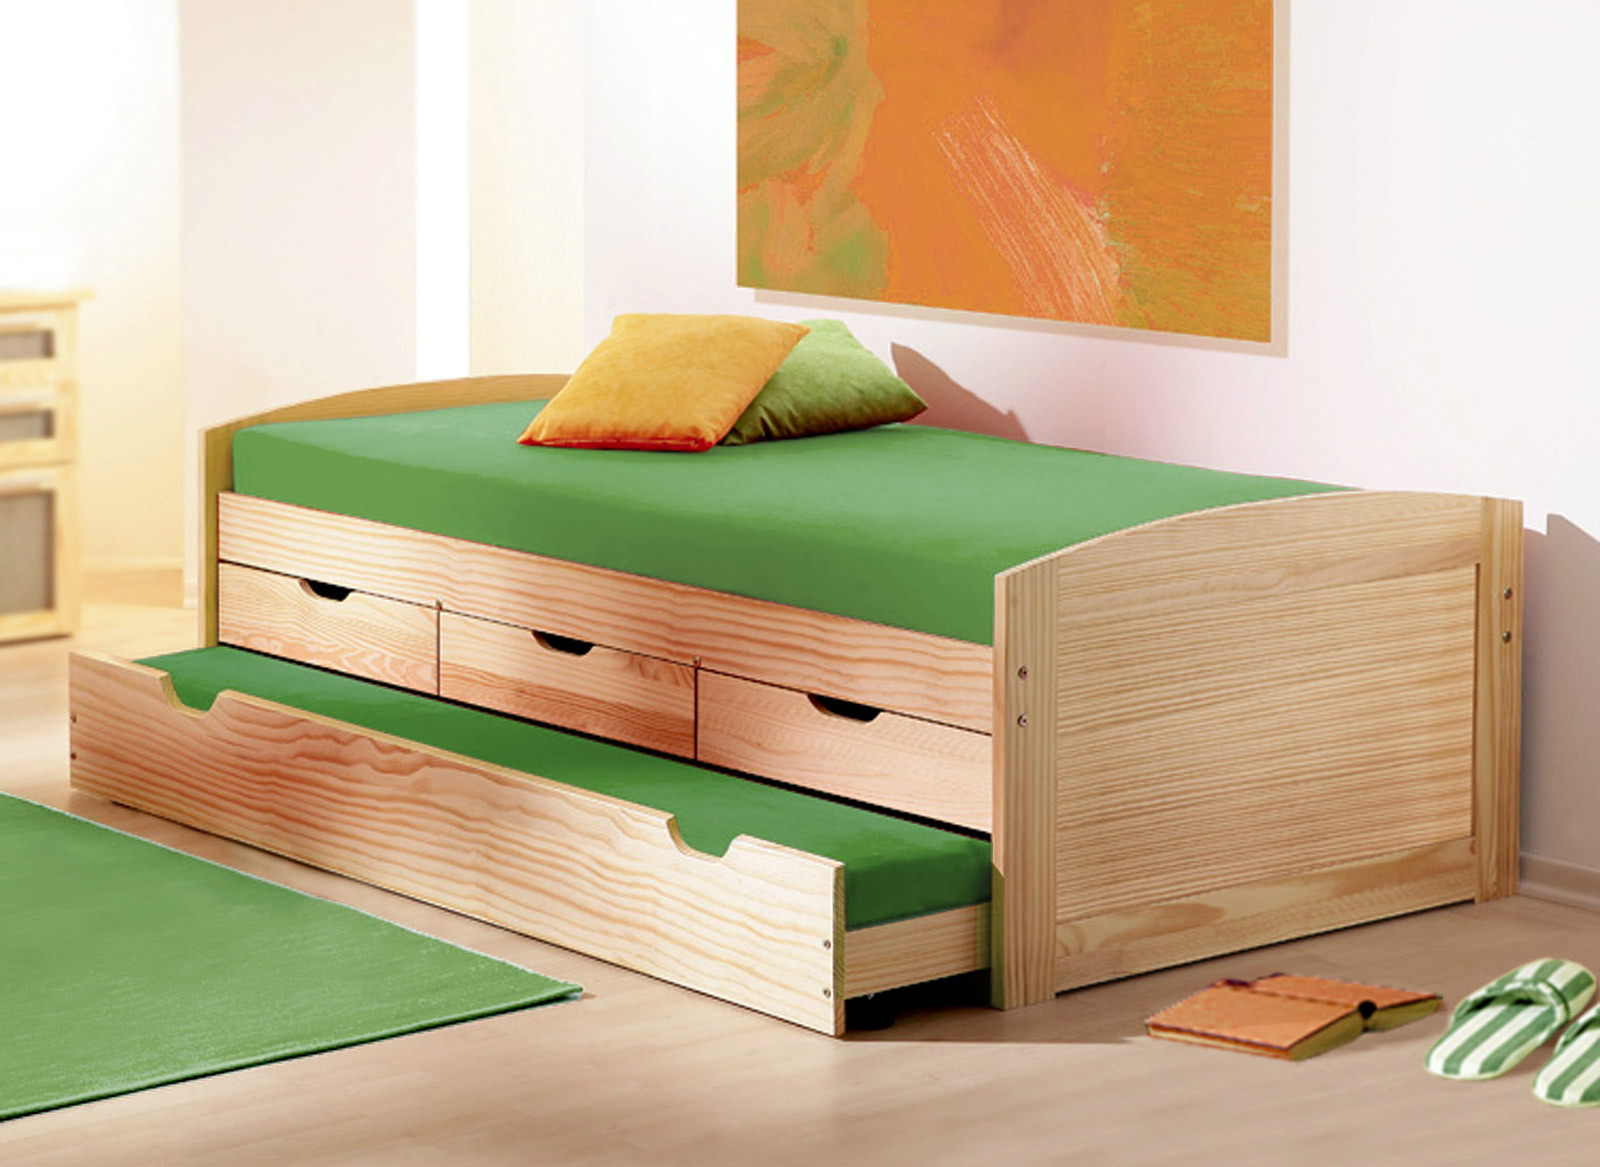 Full Size of Bett Ausziehbar Gleiche Ebene Ikea Amazon Betten 180x200 160x200 Mit Lattenrost Und Matratze Bambus 140x200 Günstig Ohne Füße Sofa Bettfunktion Weißes Wohnzimmer Bett Ausziehbar Gleiche Ebene